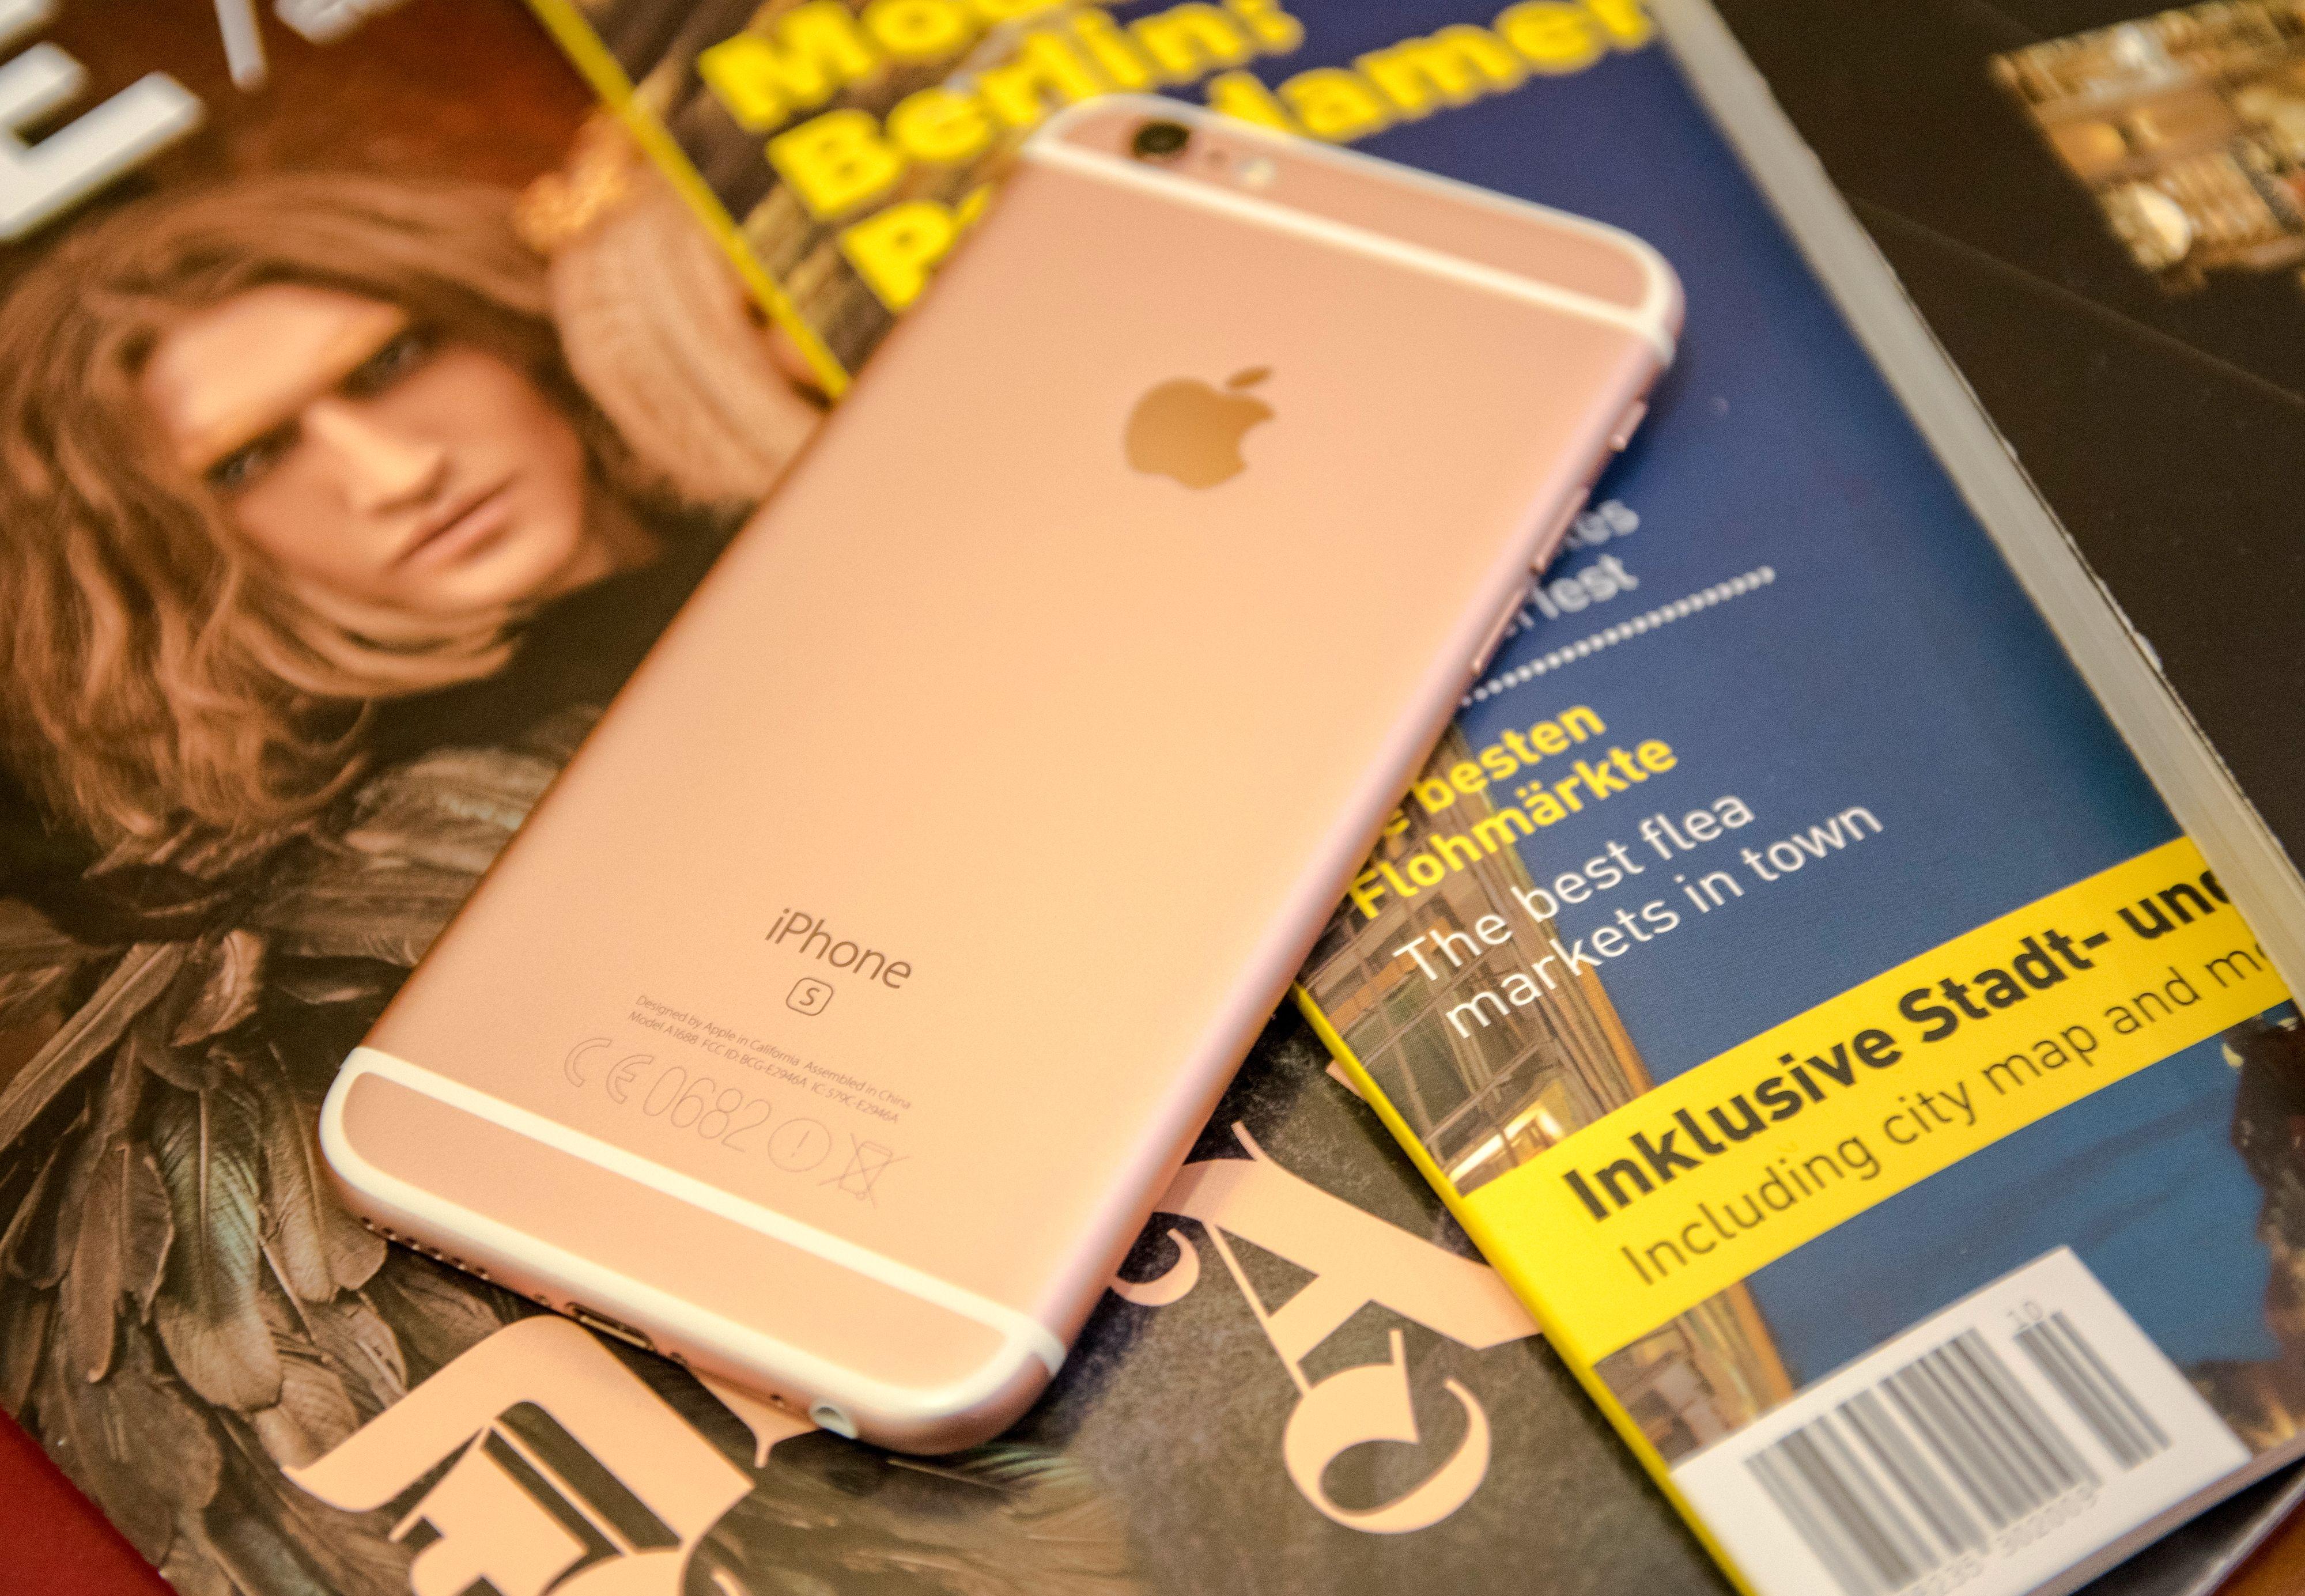 Den rosa varianten gir litt forskjellig inntrykk avhengig av lyset. I noen situasjoner ser den nesten helt rosa ut, mens i andre ser det mer ut som en ordinær gullfarge. Foto: Finn Jarle Kvalheim, Tek.no